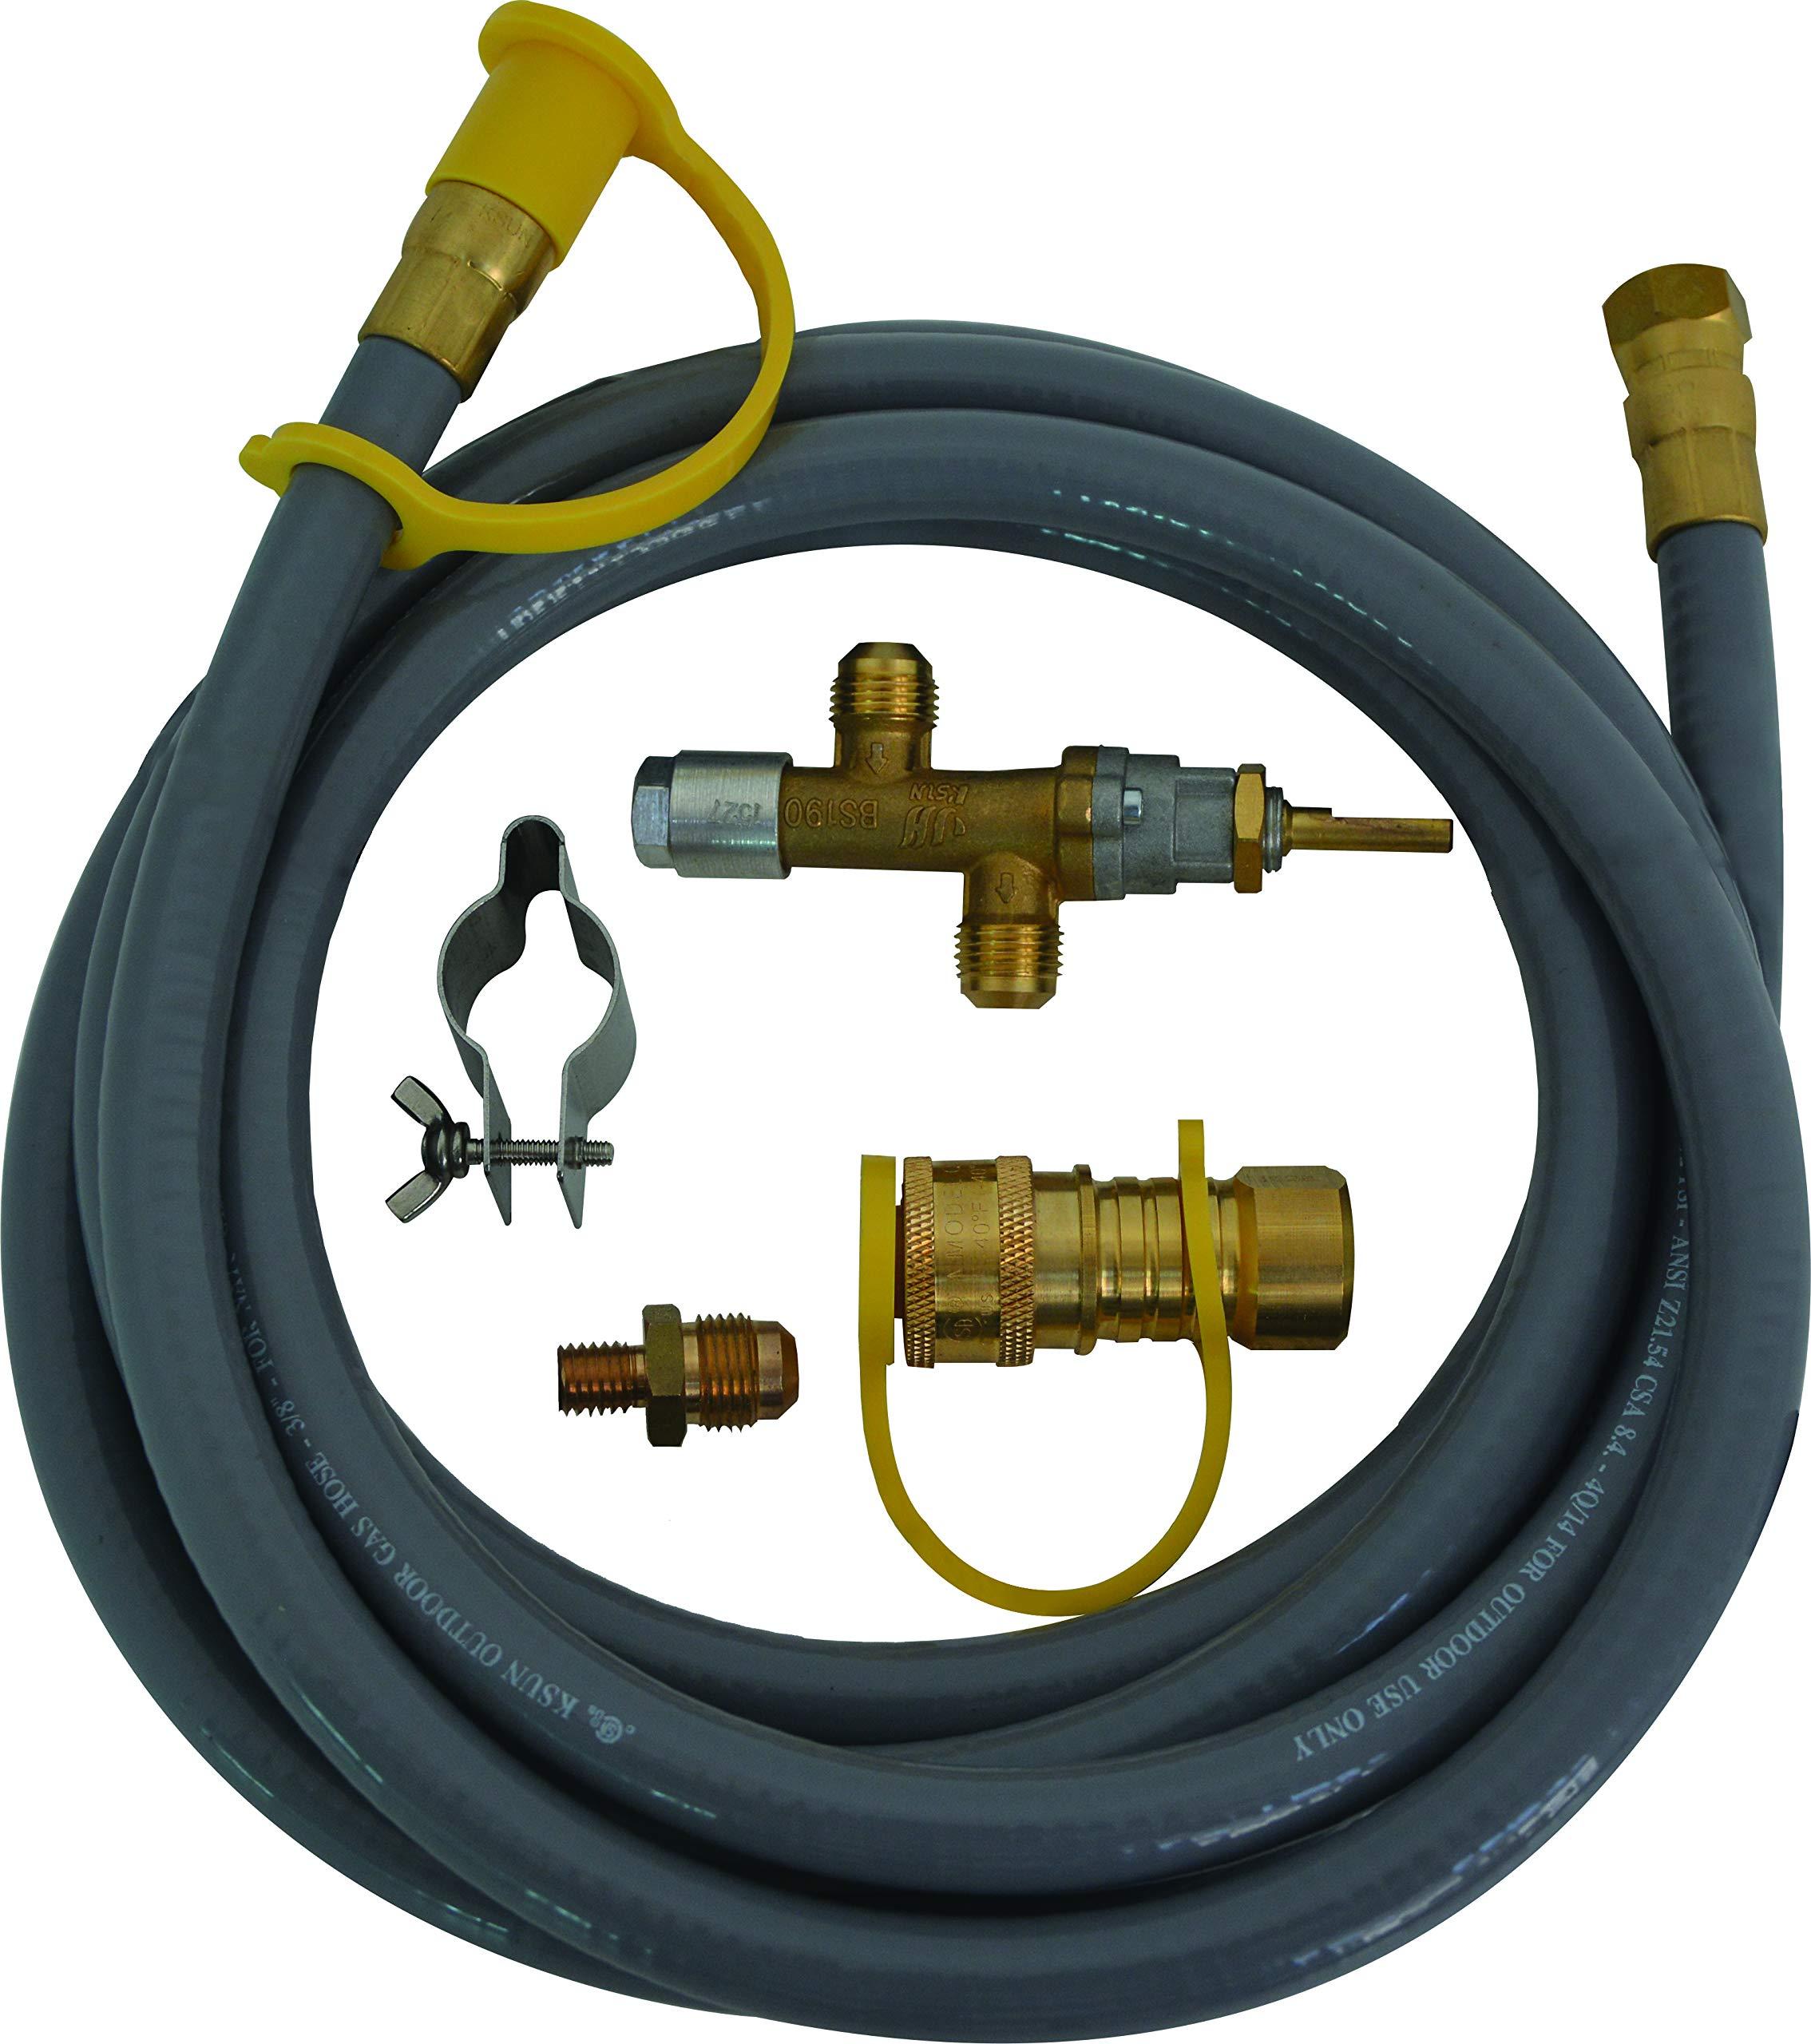 Bond Manufacturing 68588 70,000 BTU Natural Gas Converter Kit, Grey by Bond Manufacturing